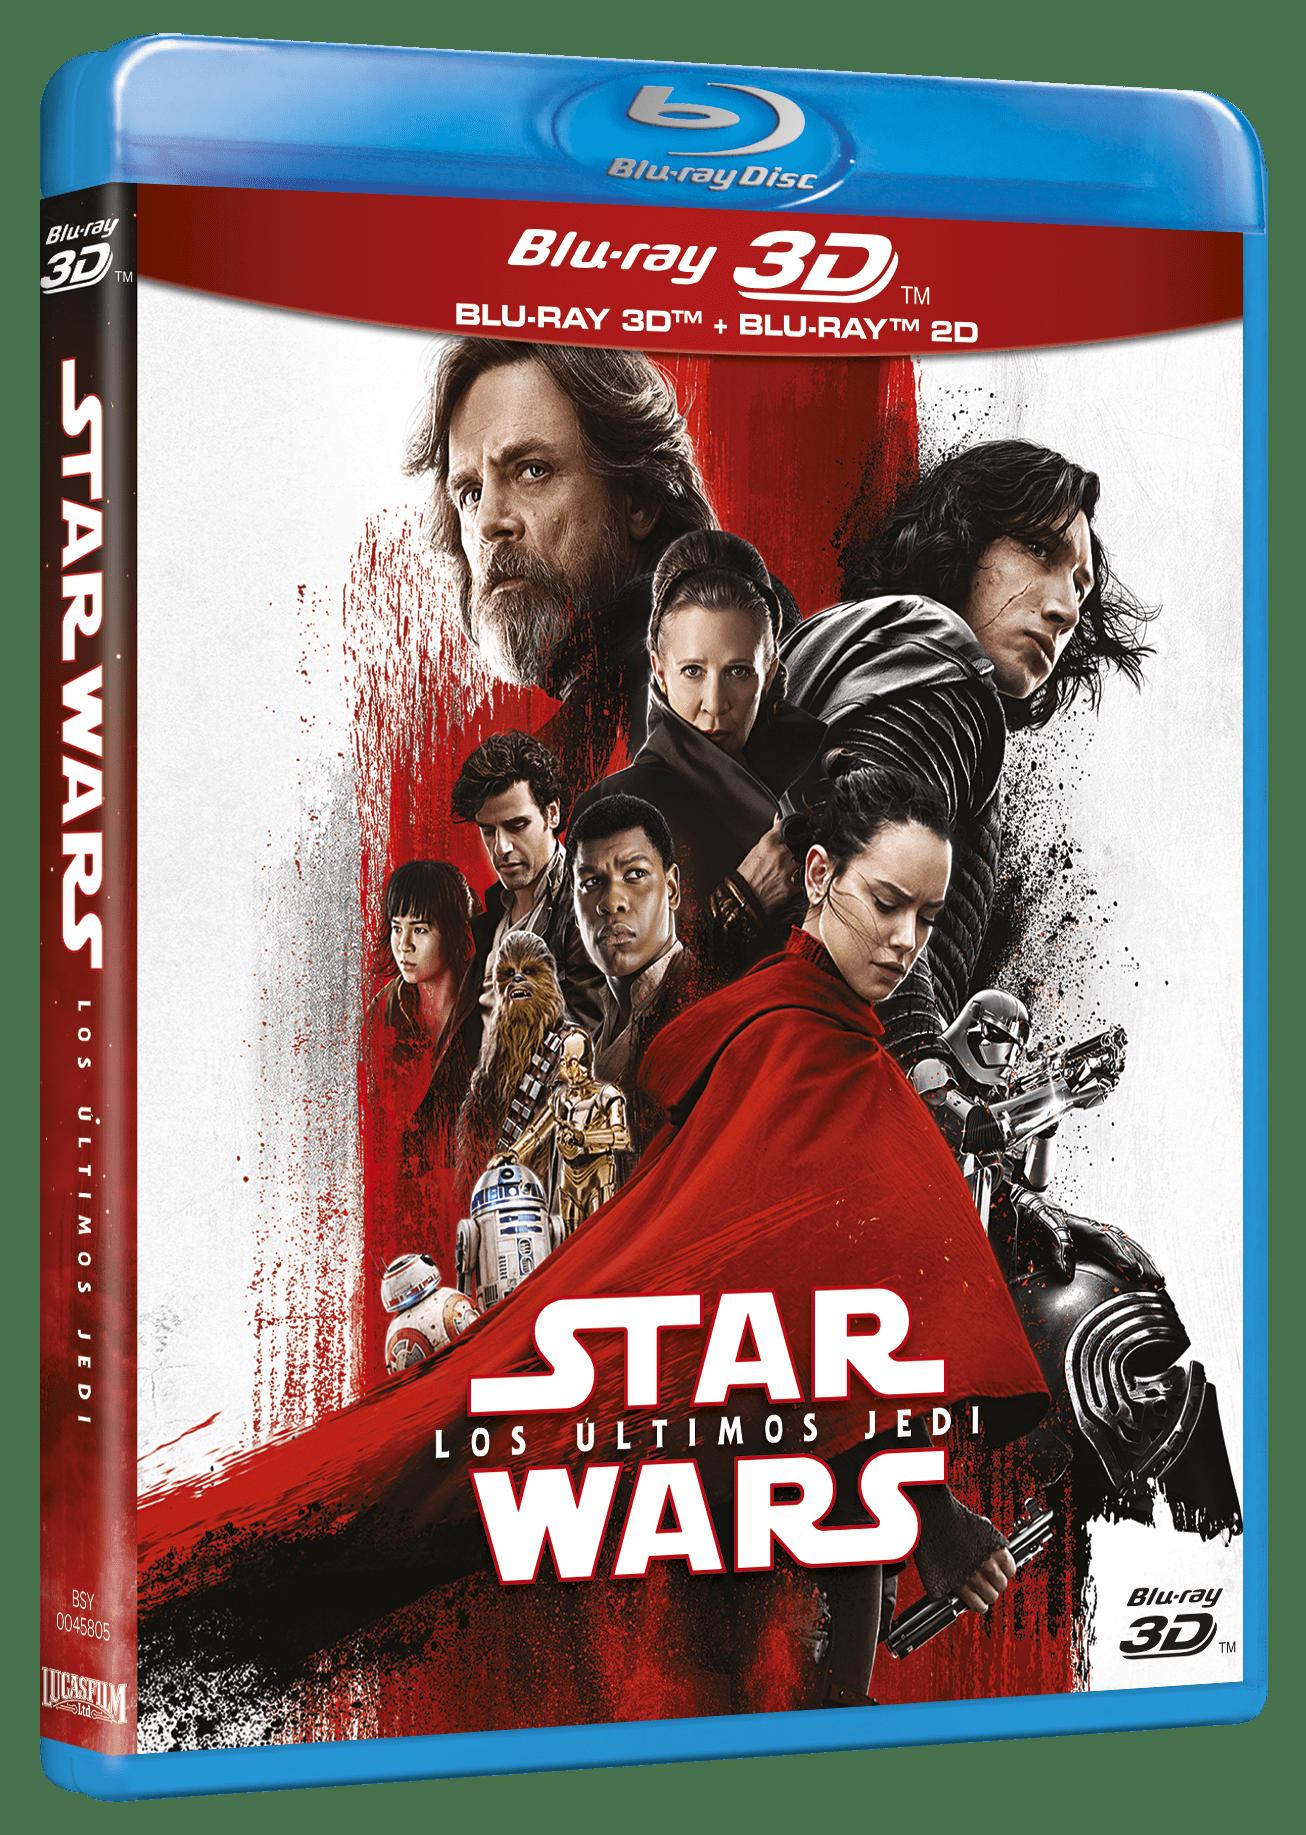 'Star Wars: Los Últimos Jedi' llegará en Blu-ray, Steelbook, 3D y Dvd el 18 de abril • En tu pantalla